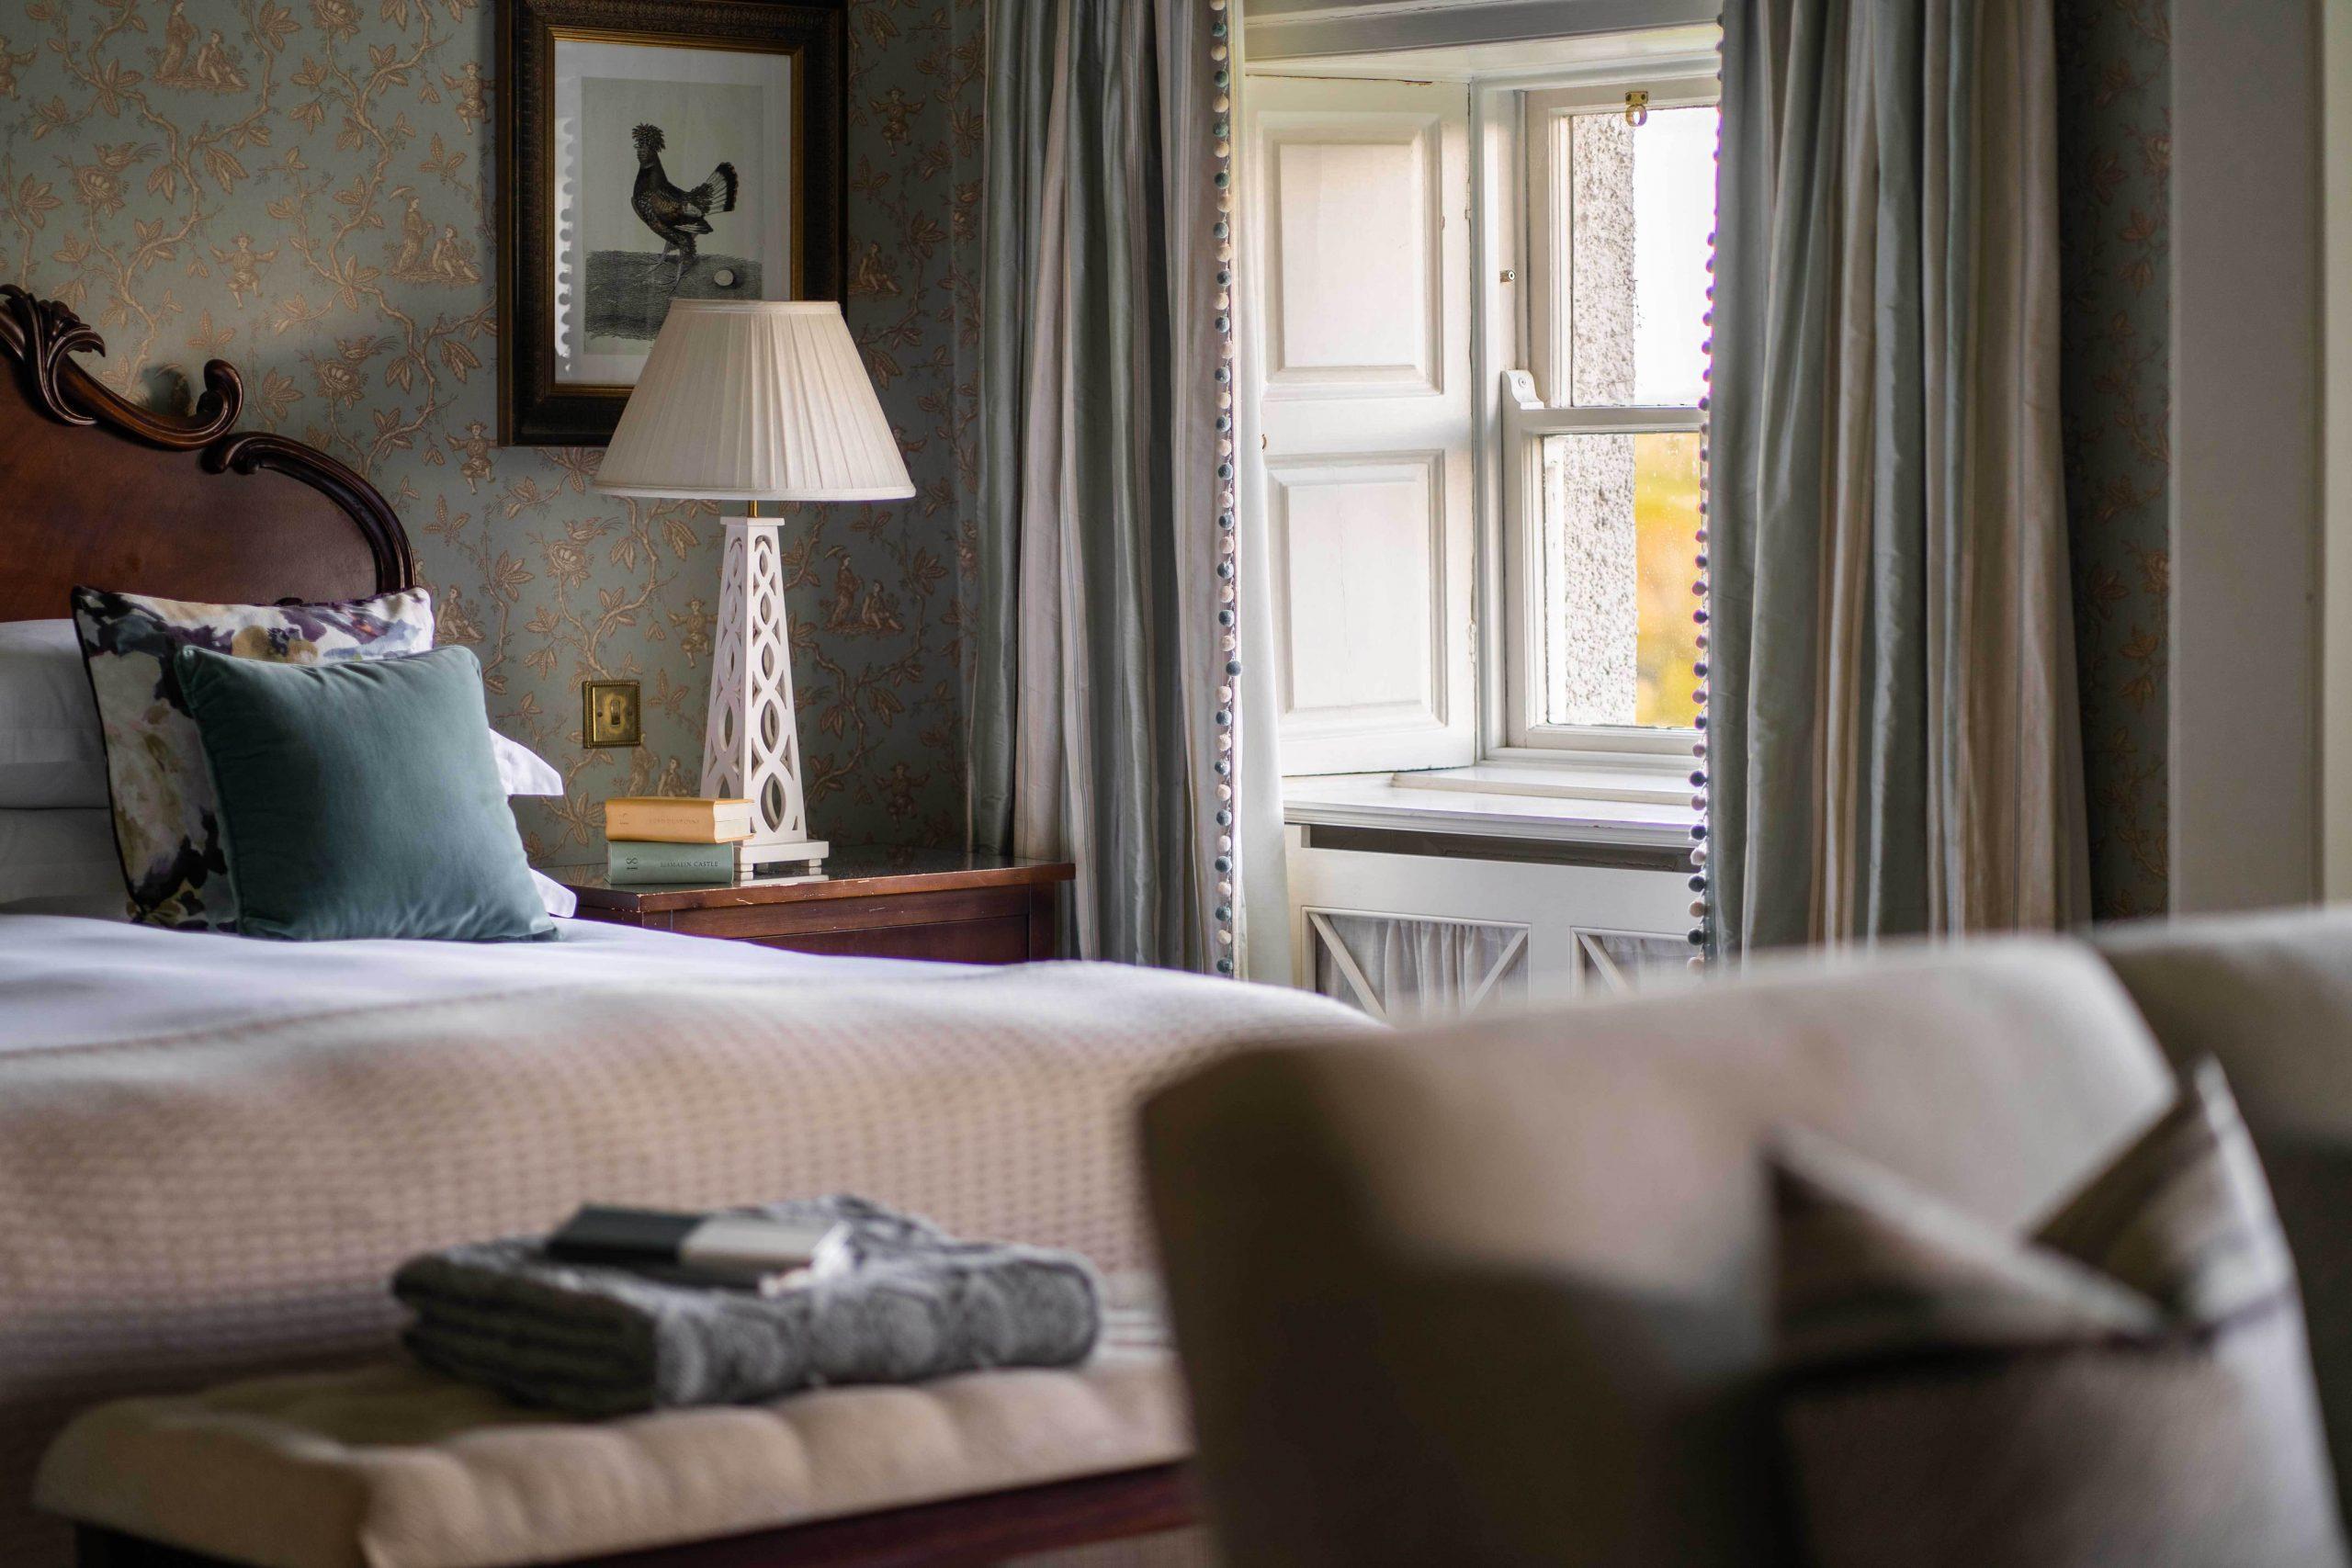 Bedroom at Mount Juliet Estate